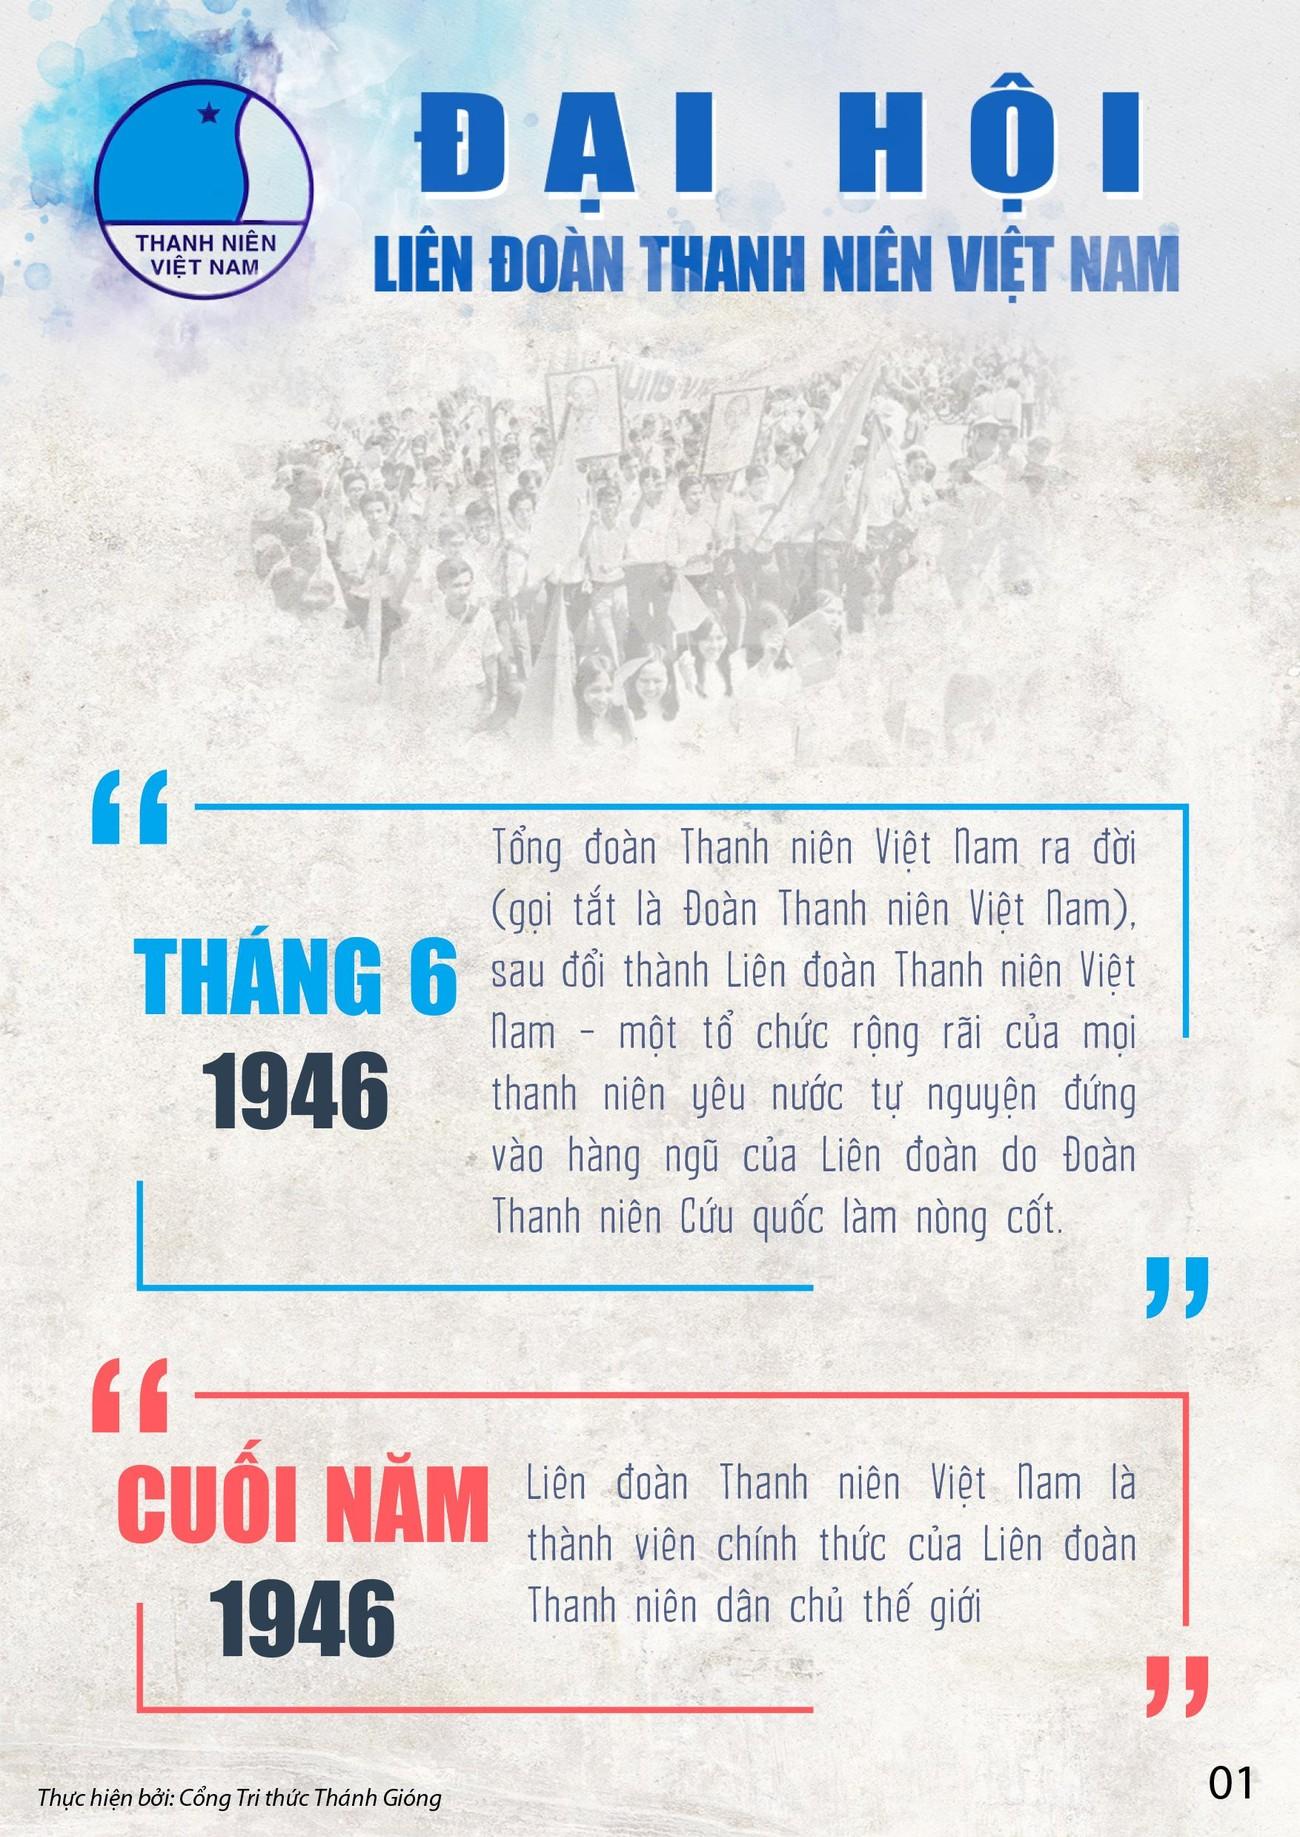 Các kỳ Đại hội toàn quốc Hội LHTN Việt Nam ảnh 1